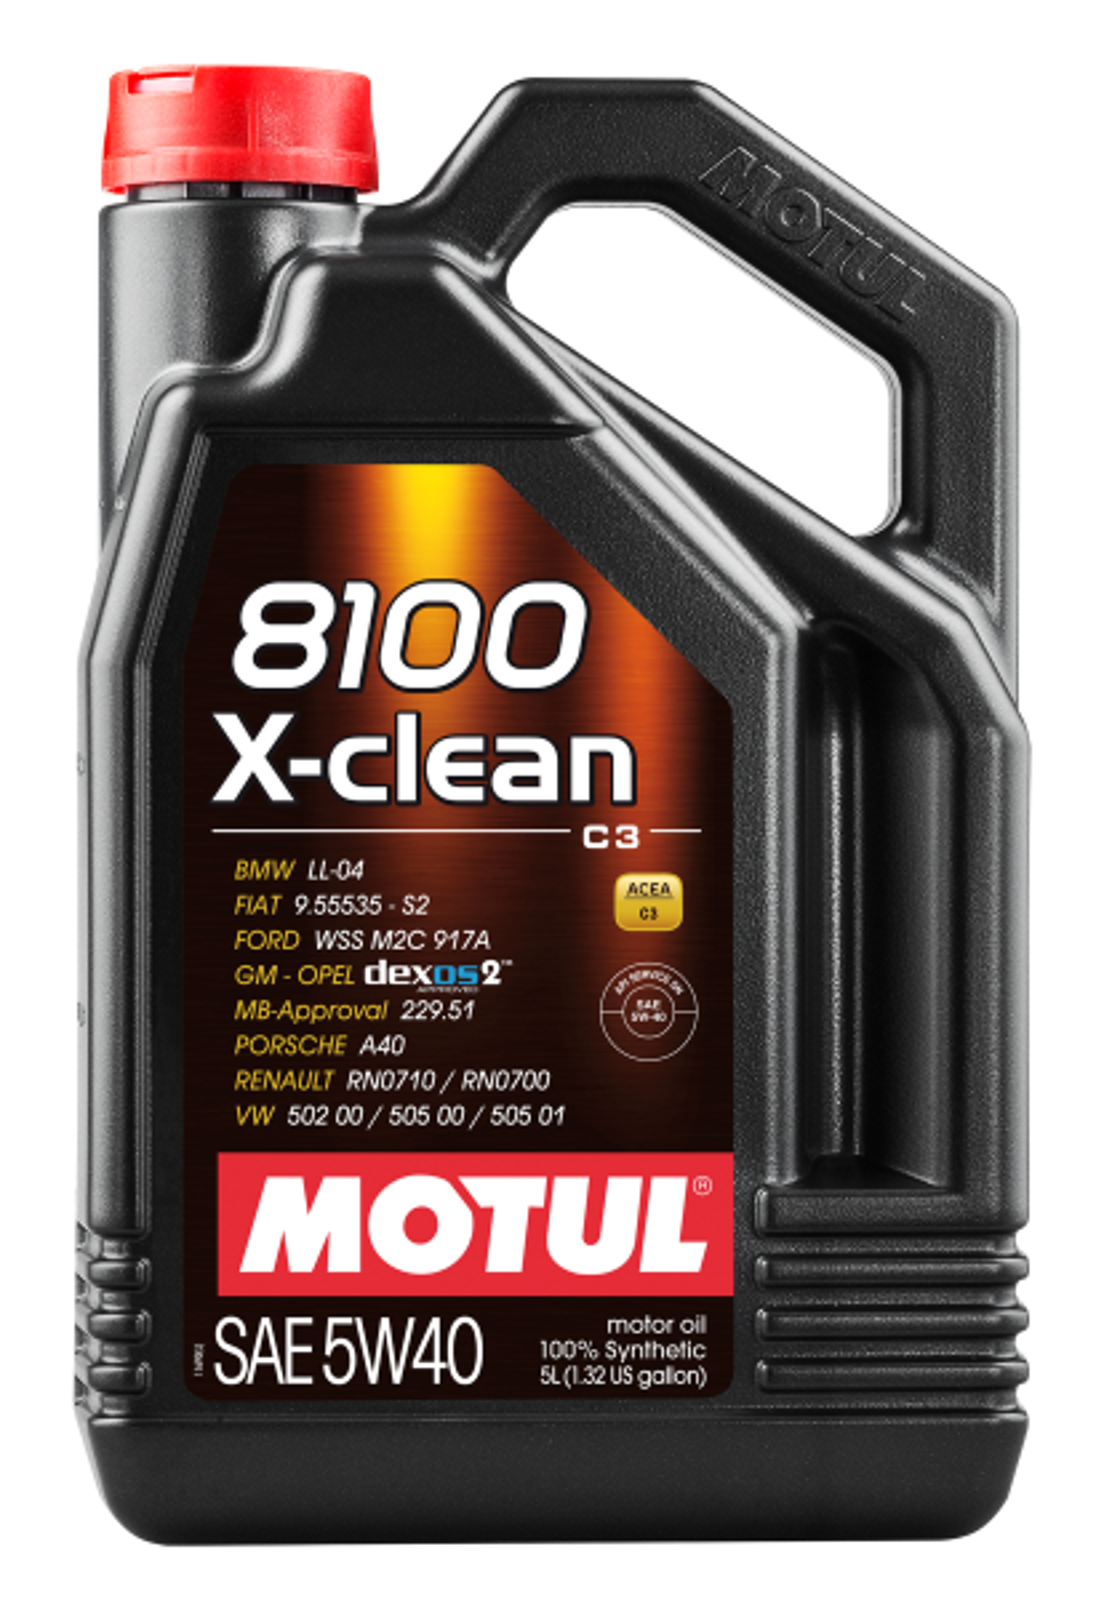 MOTUL AG MOTUL 8100 X-clean 5W-40 5L